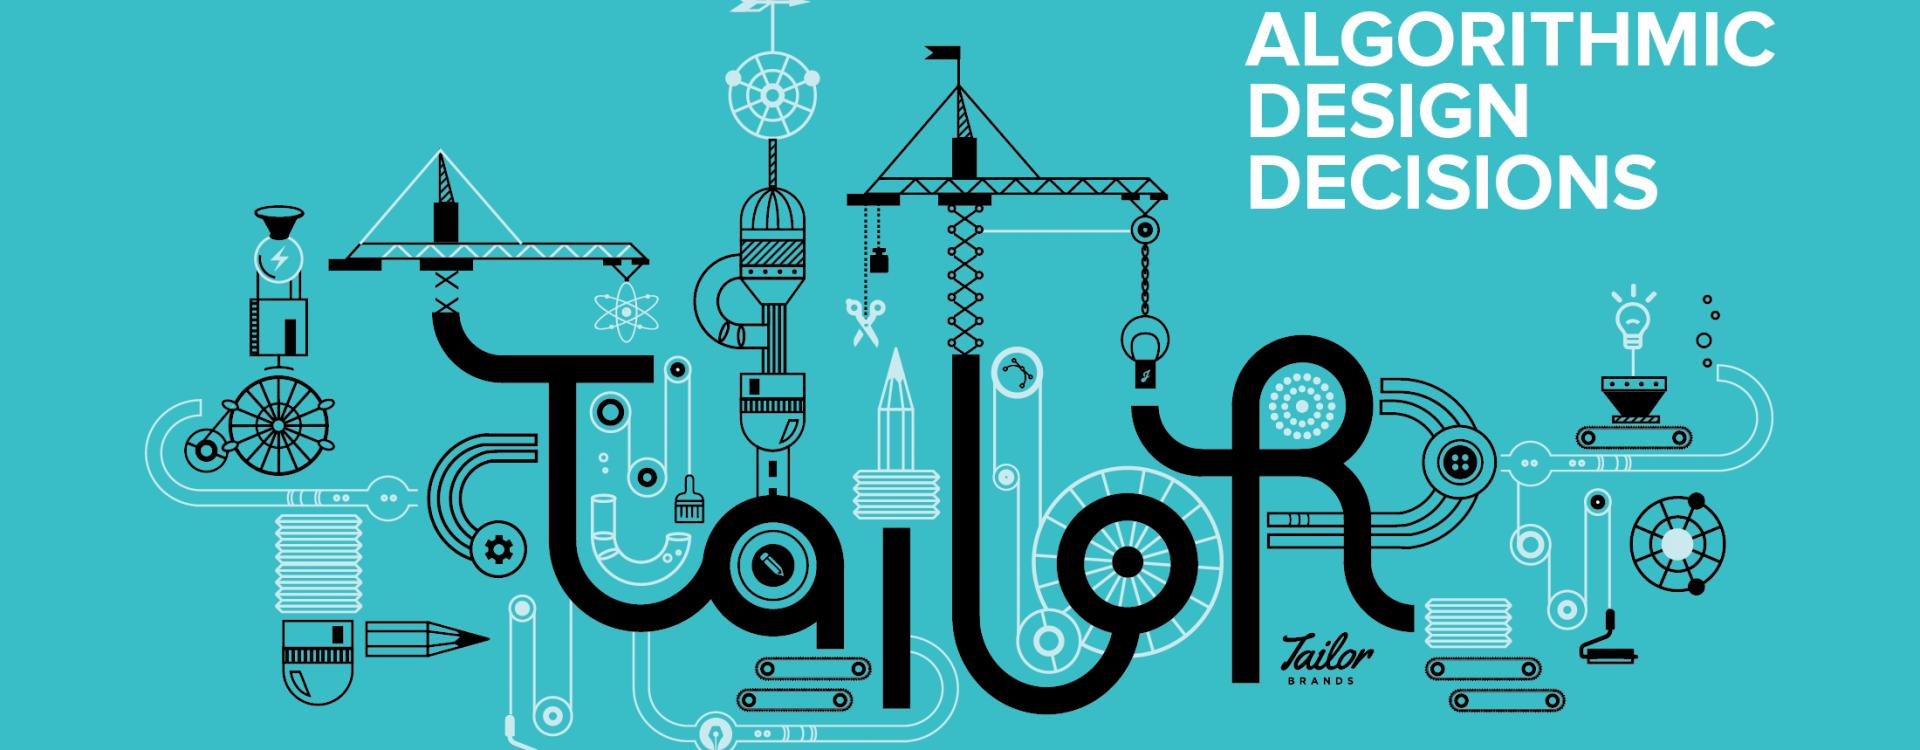 """Blog Header Image for """"Algorithmic Design Decisions"""""""